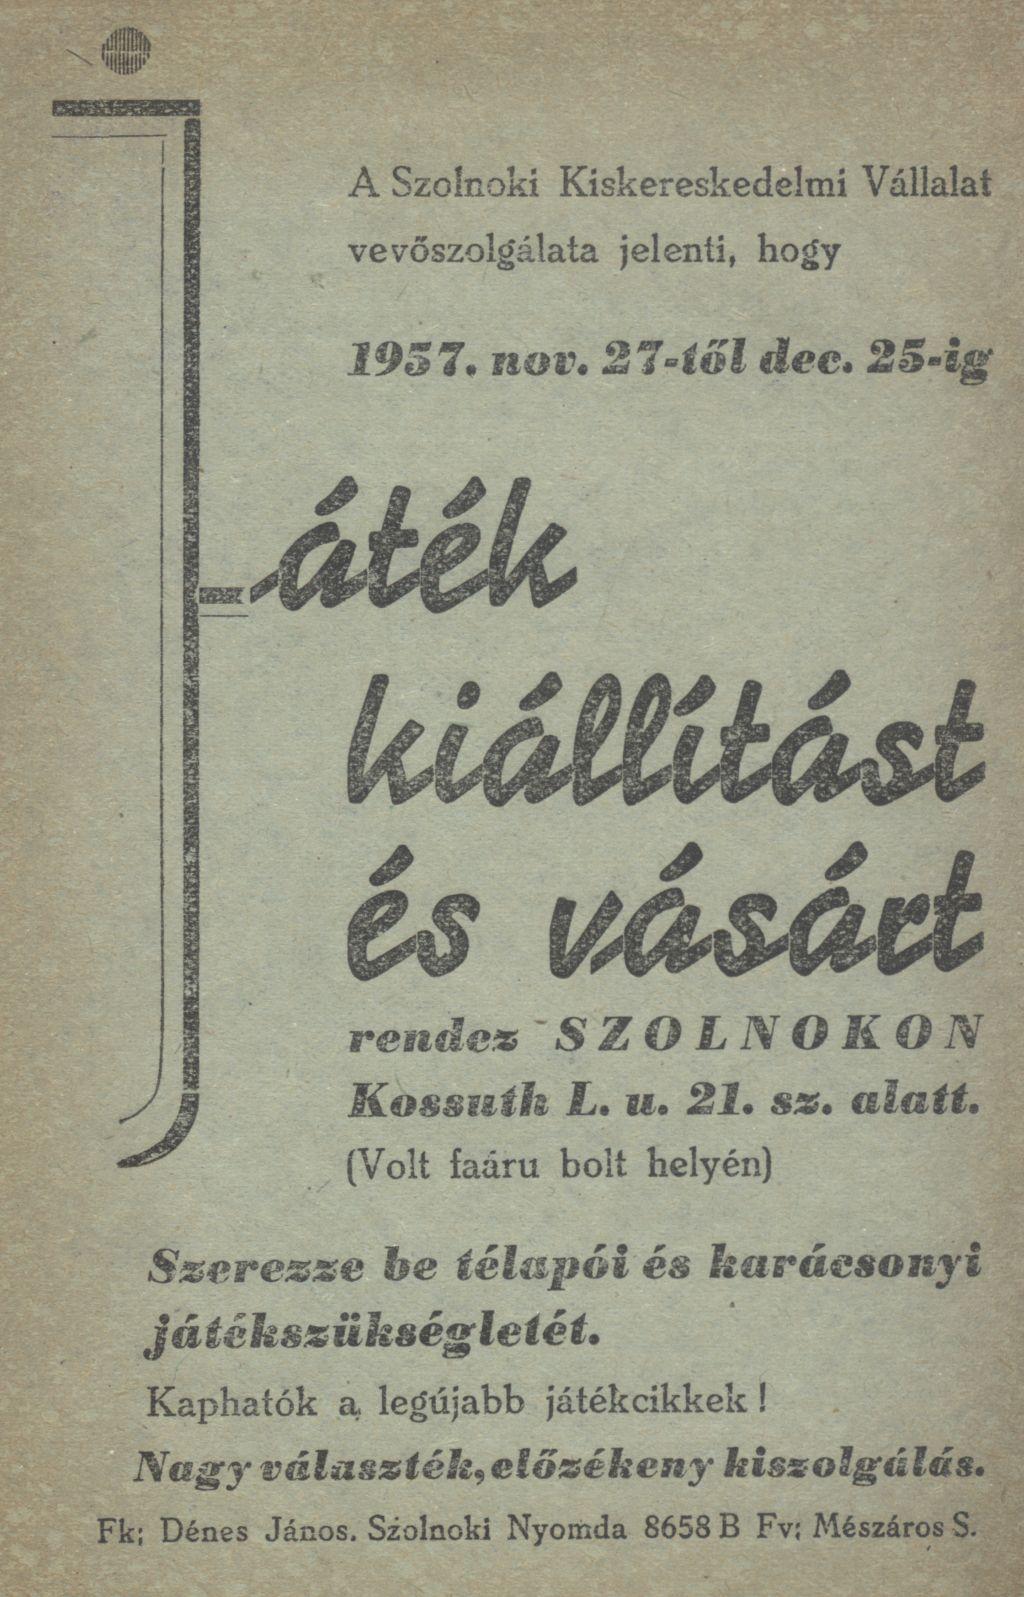 1957. november 27-től december 25-ig Játék kiállítás- és vásár Szolnokon